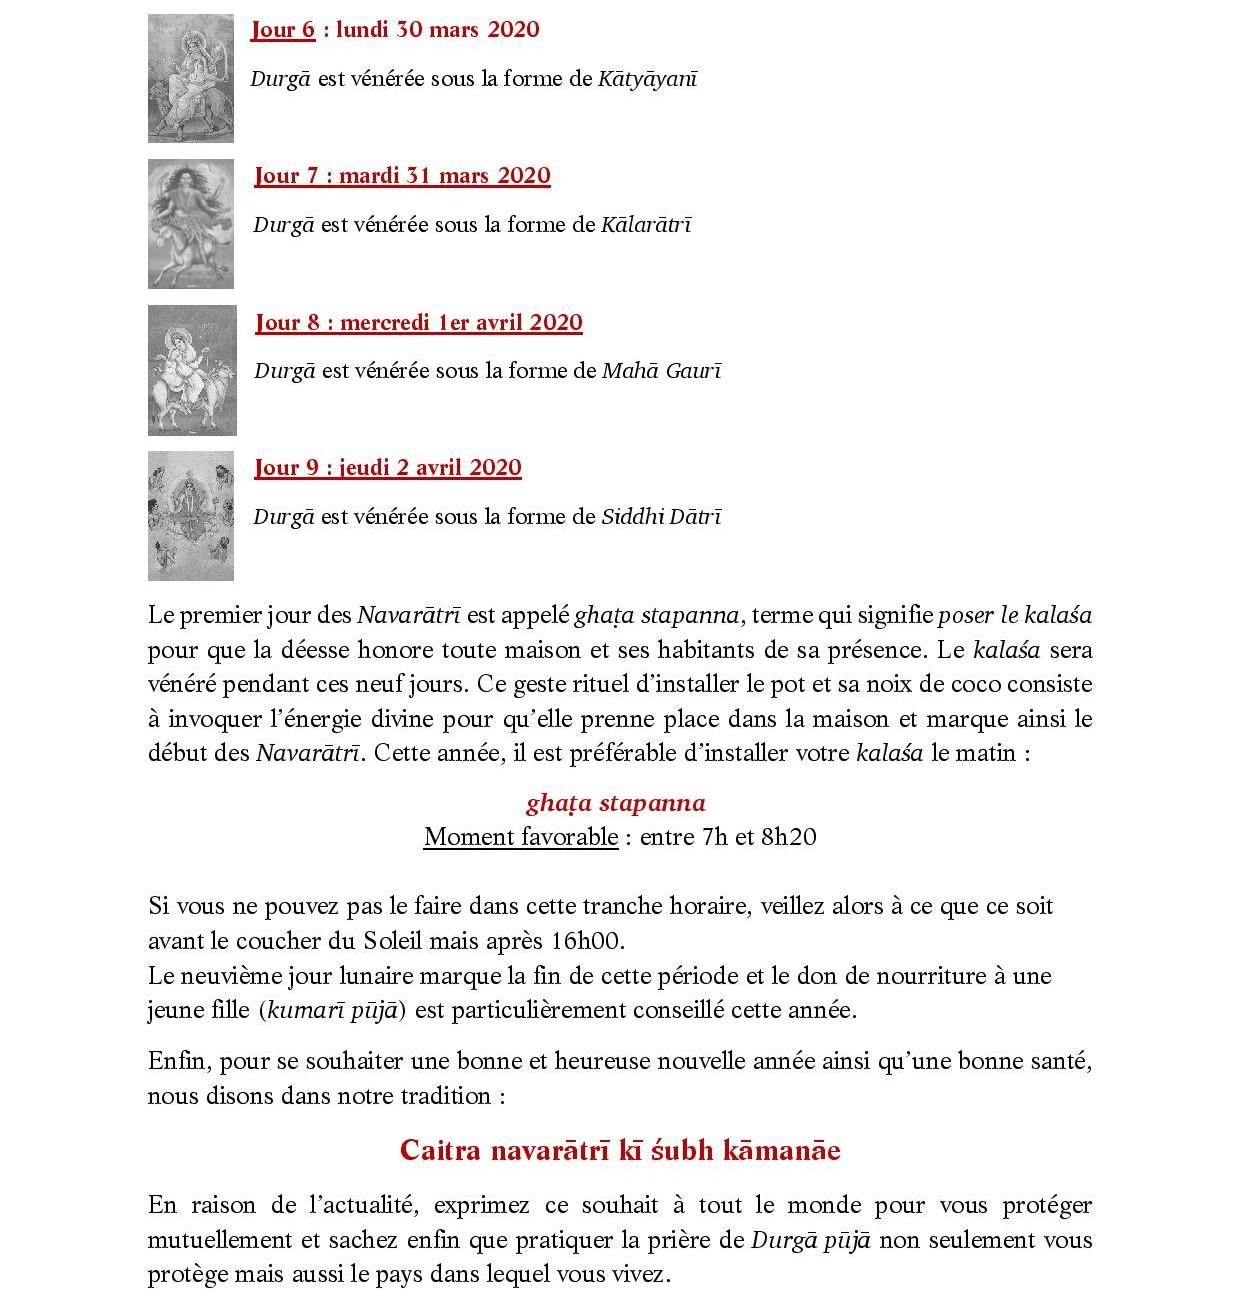 CAITRA NAVARATRI 2020-page-002